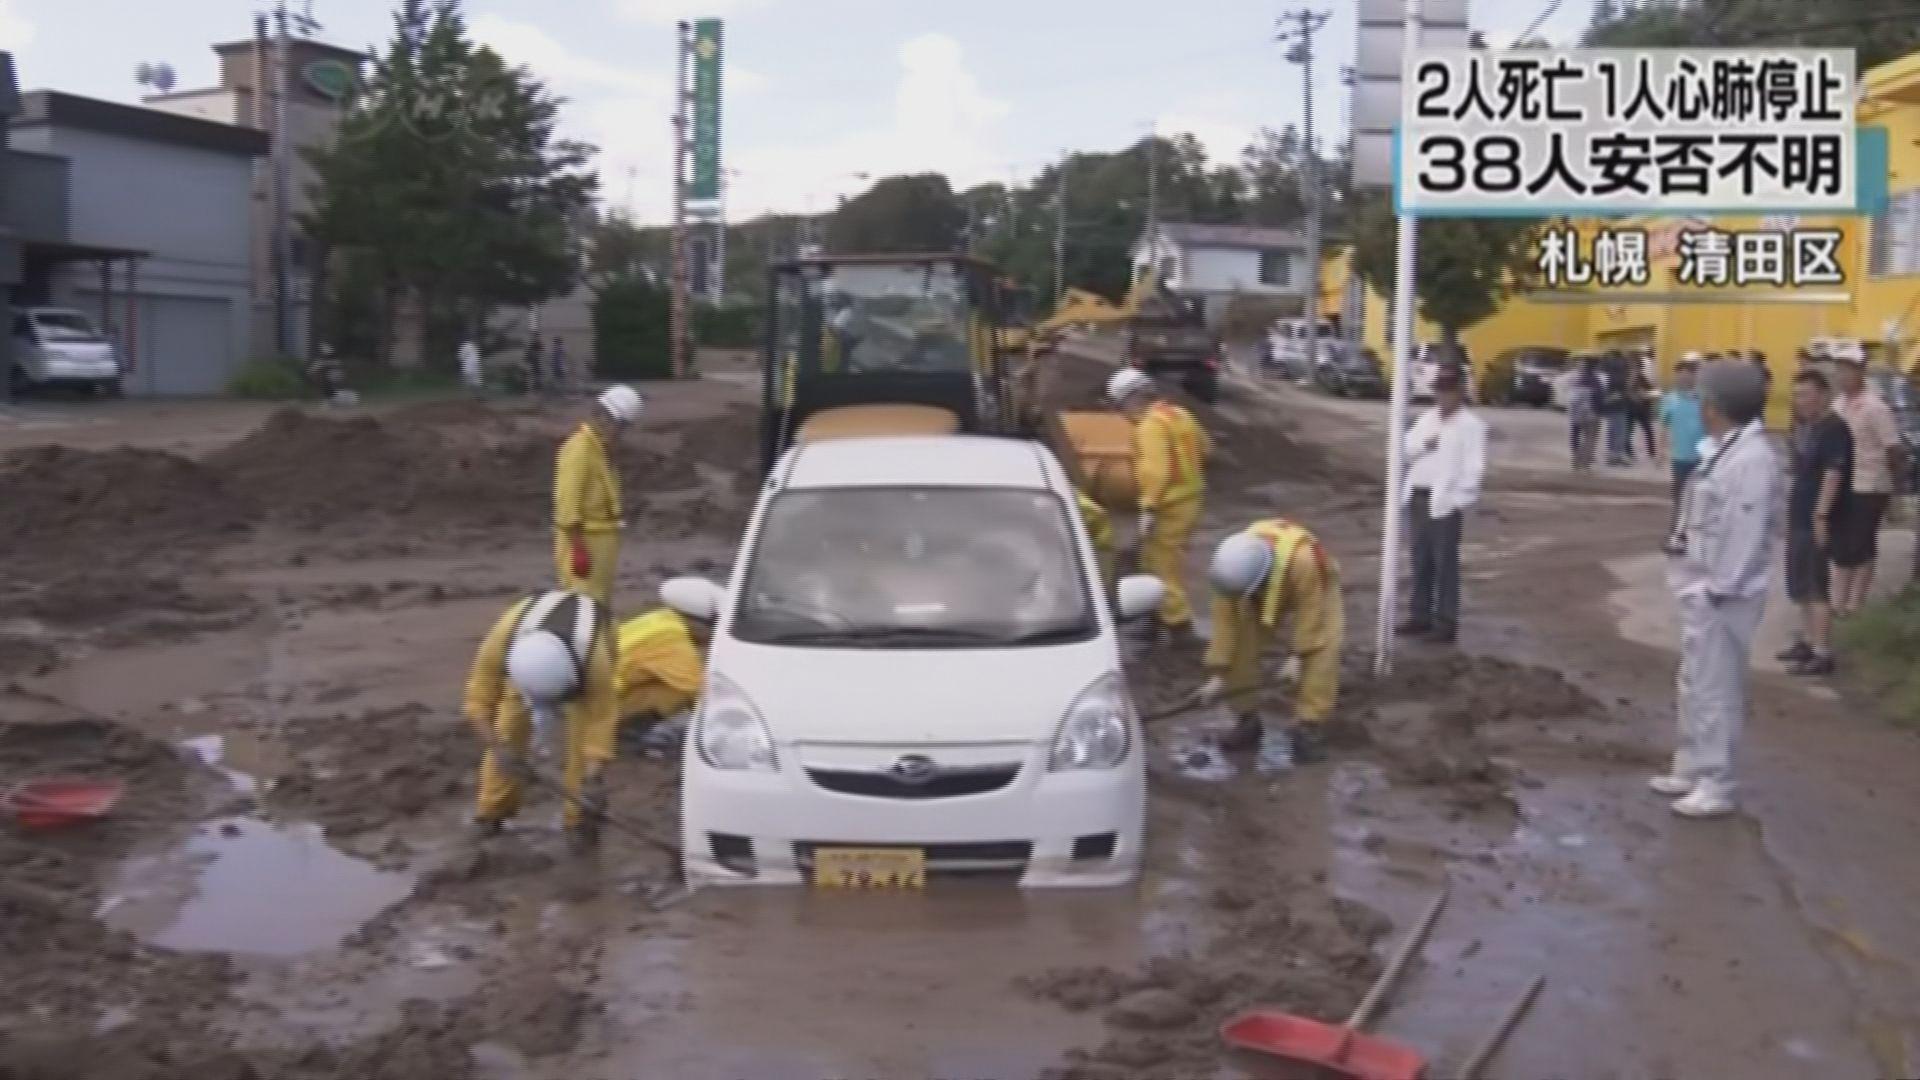 北海道6.7級地震 札幌市多處嚴重路陷